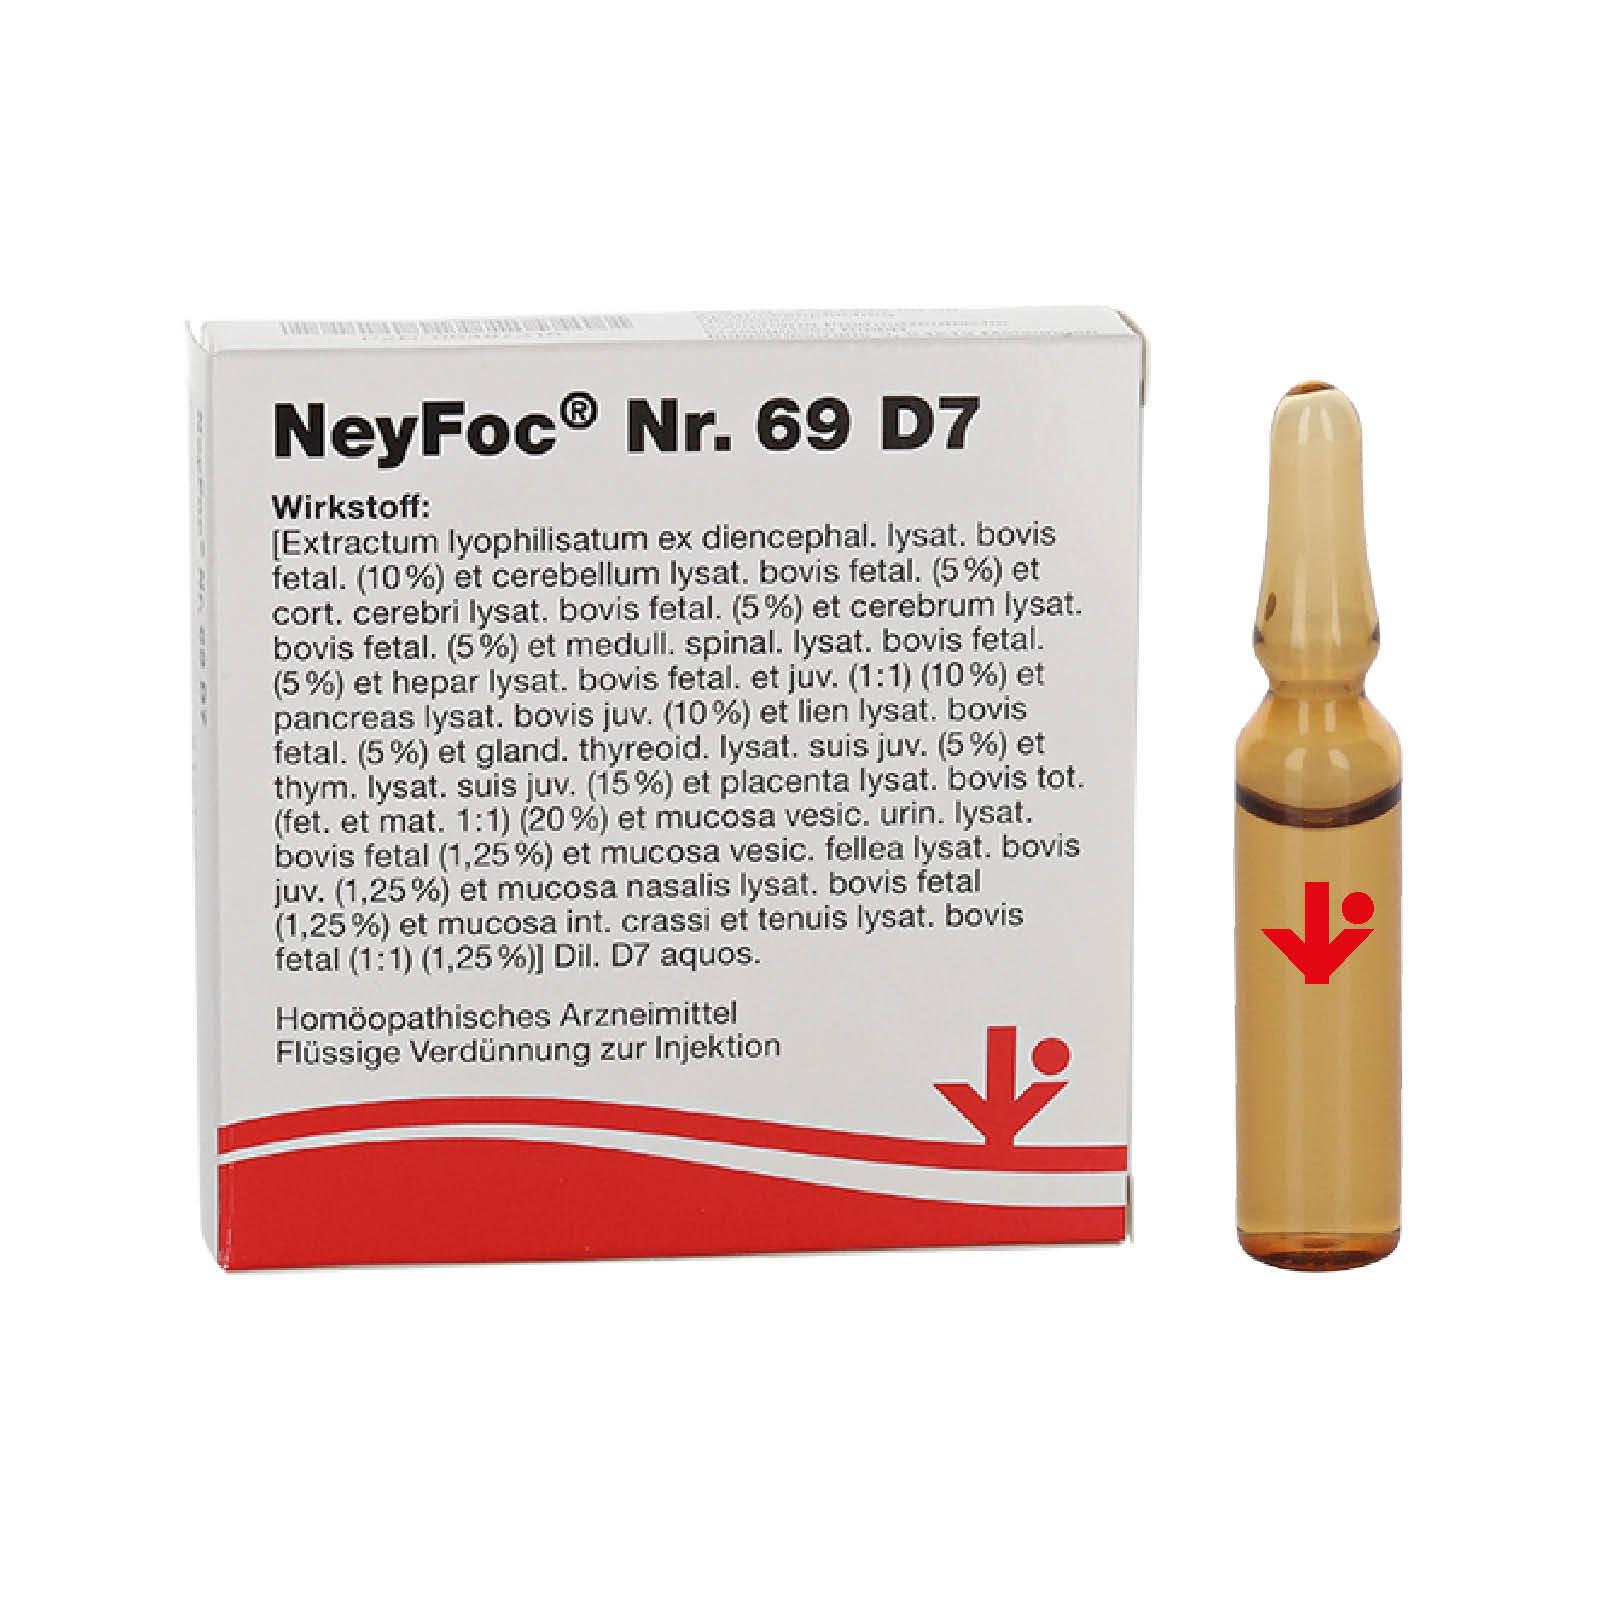 NeyFoc® Nr. 69 D7 (früher AntiFocal® genannt)